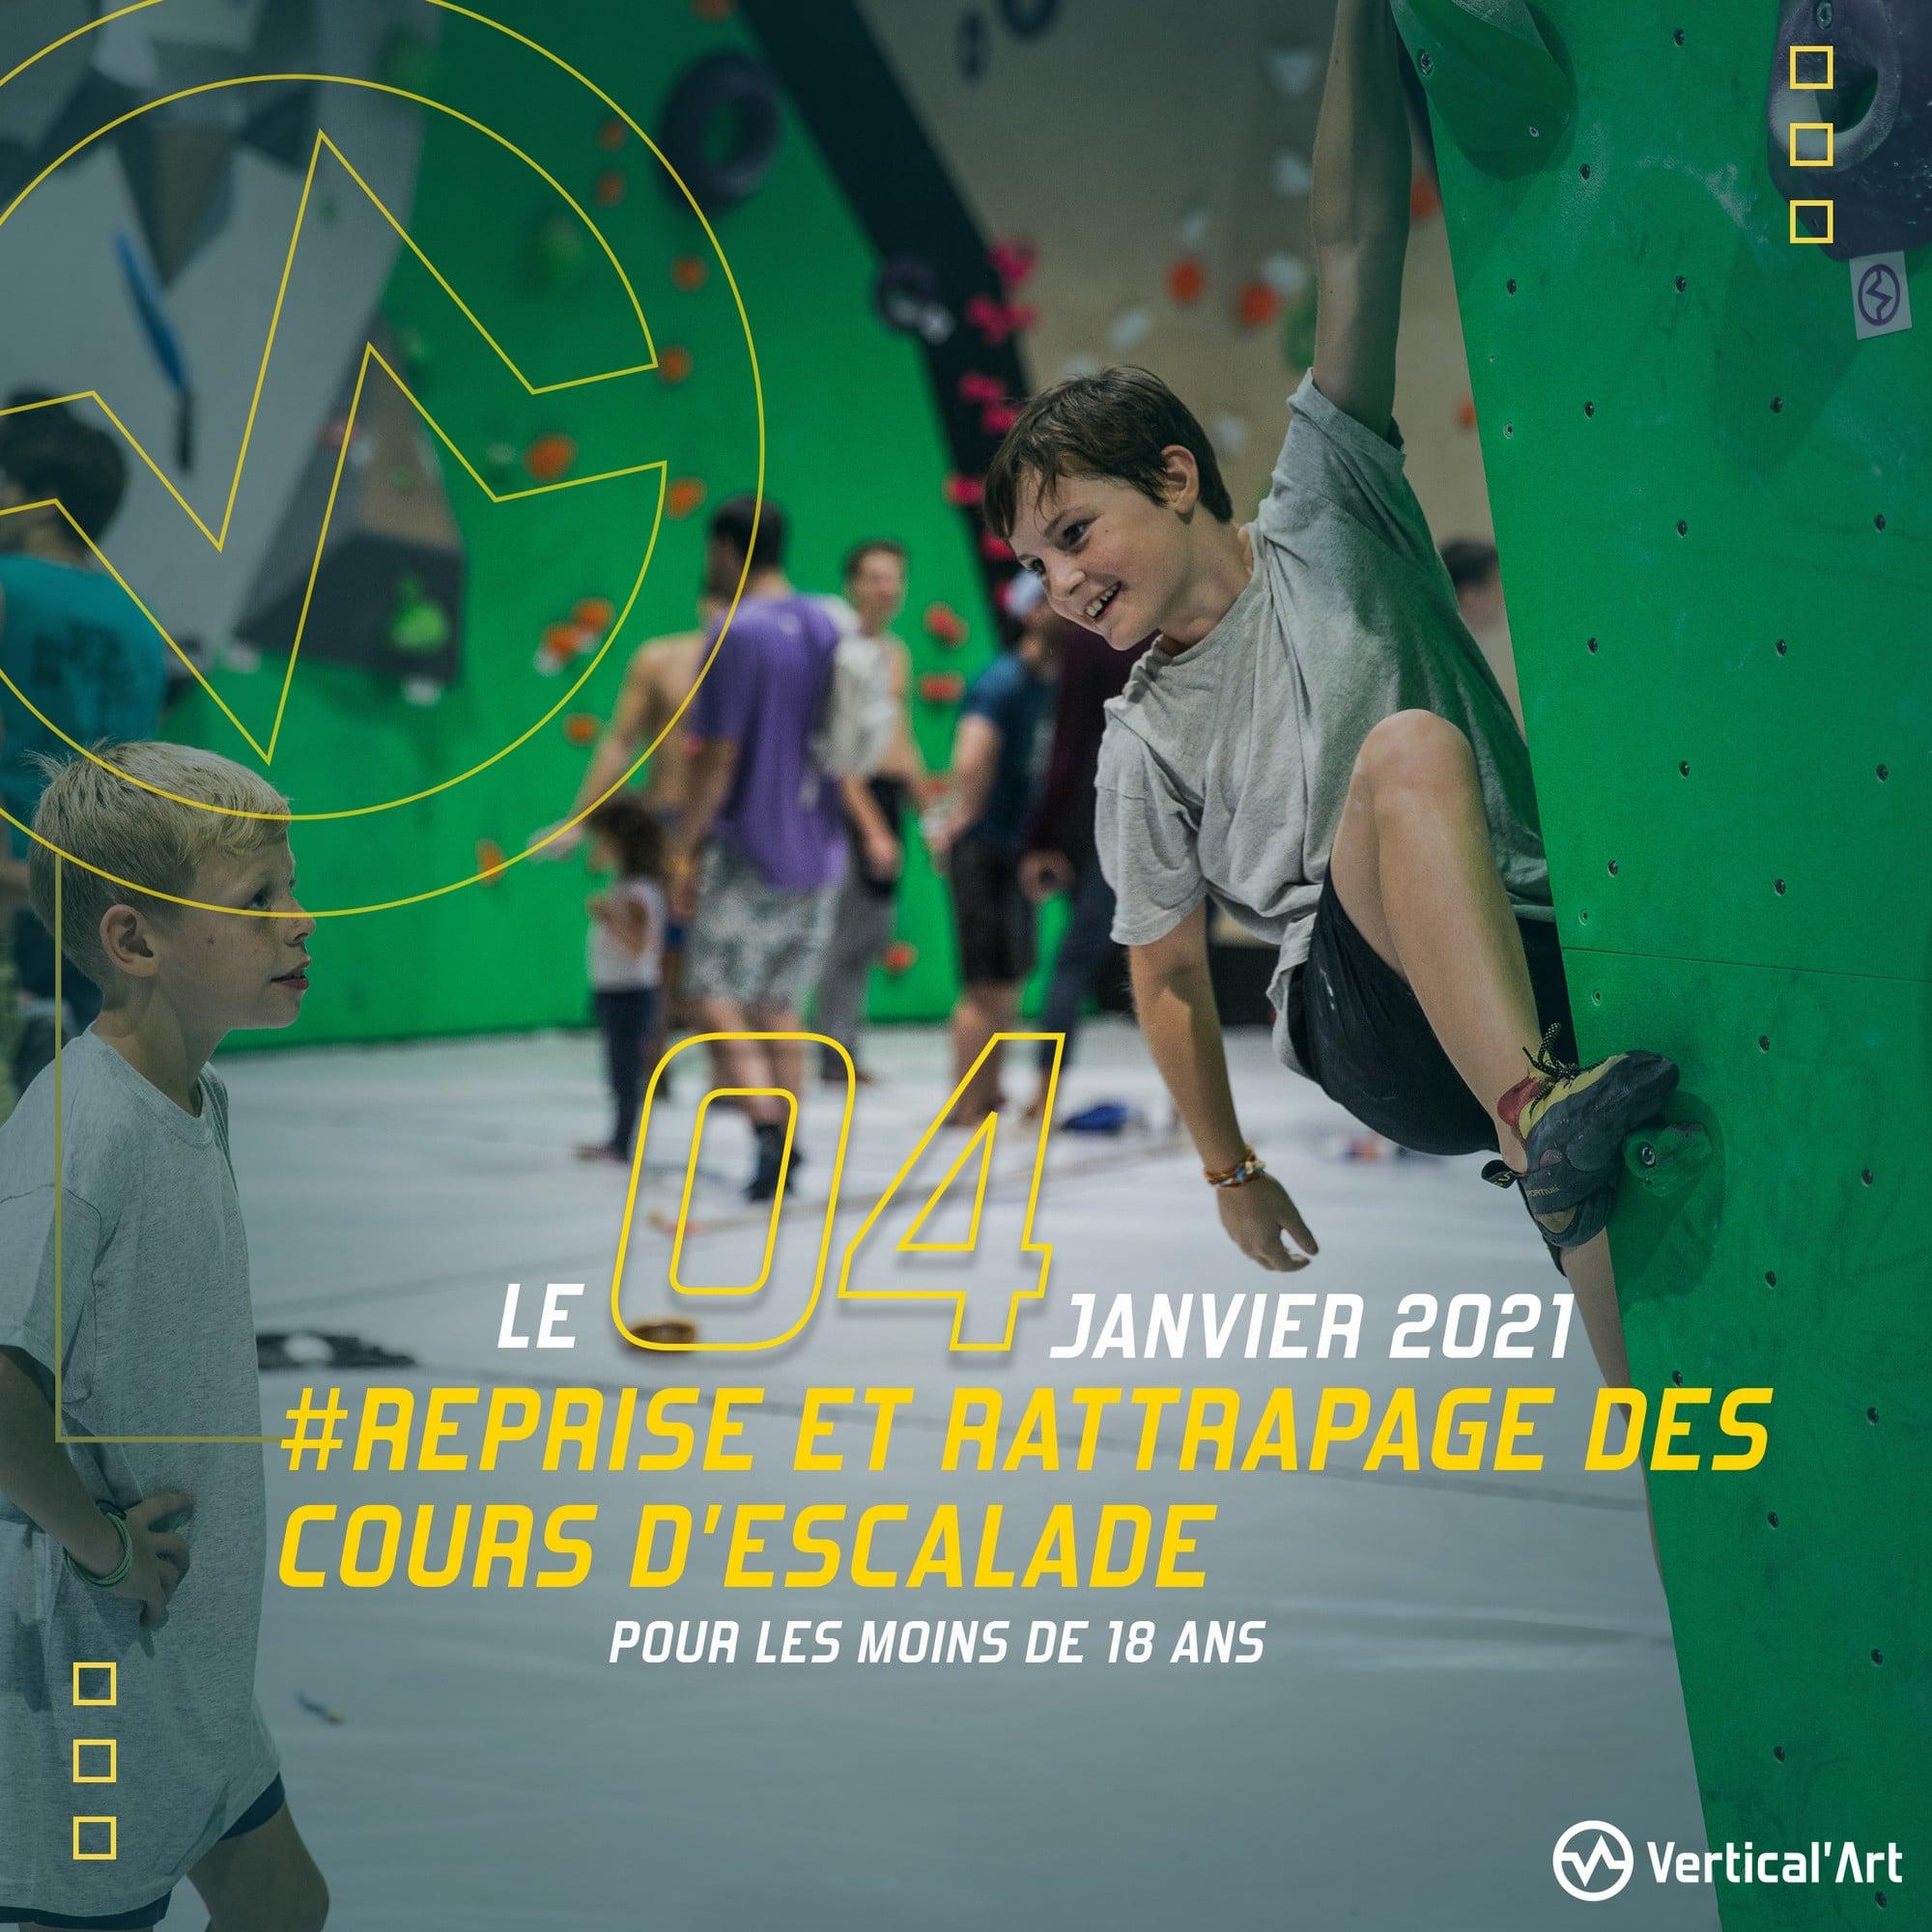 Reprise et rattrapage des cours d'escalade pour les mineurs le 4 janvier à Vertical'Art Lyon